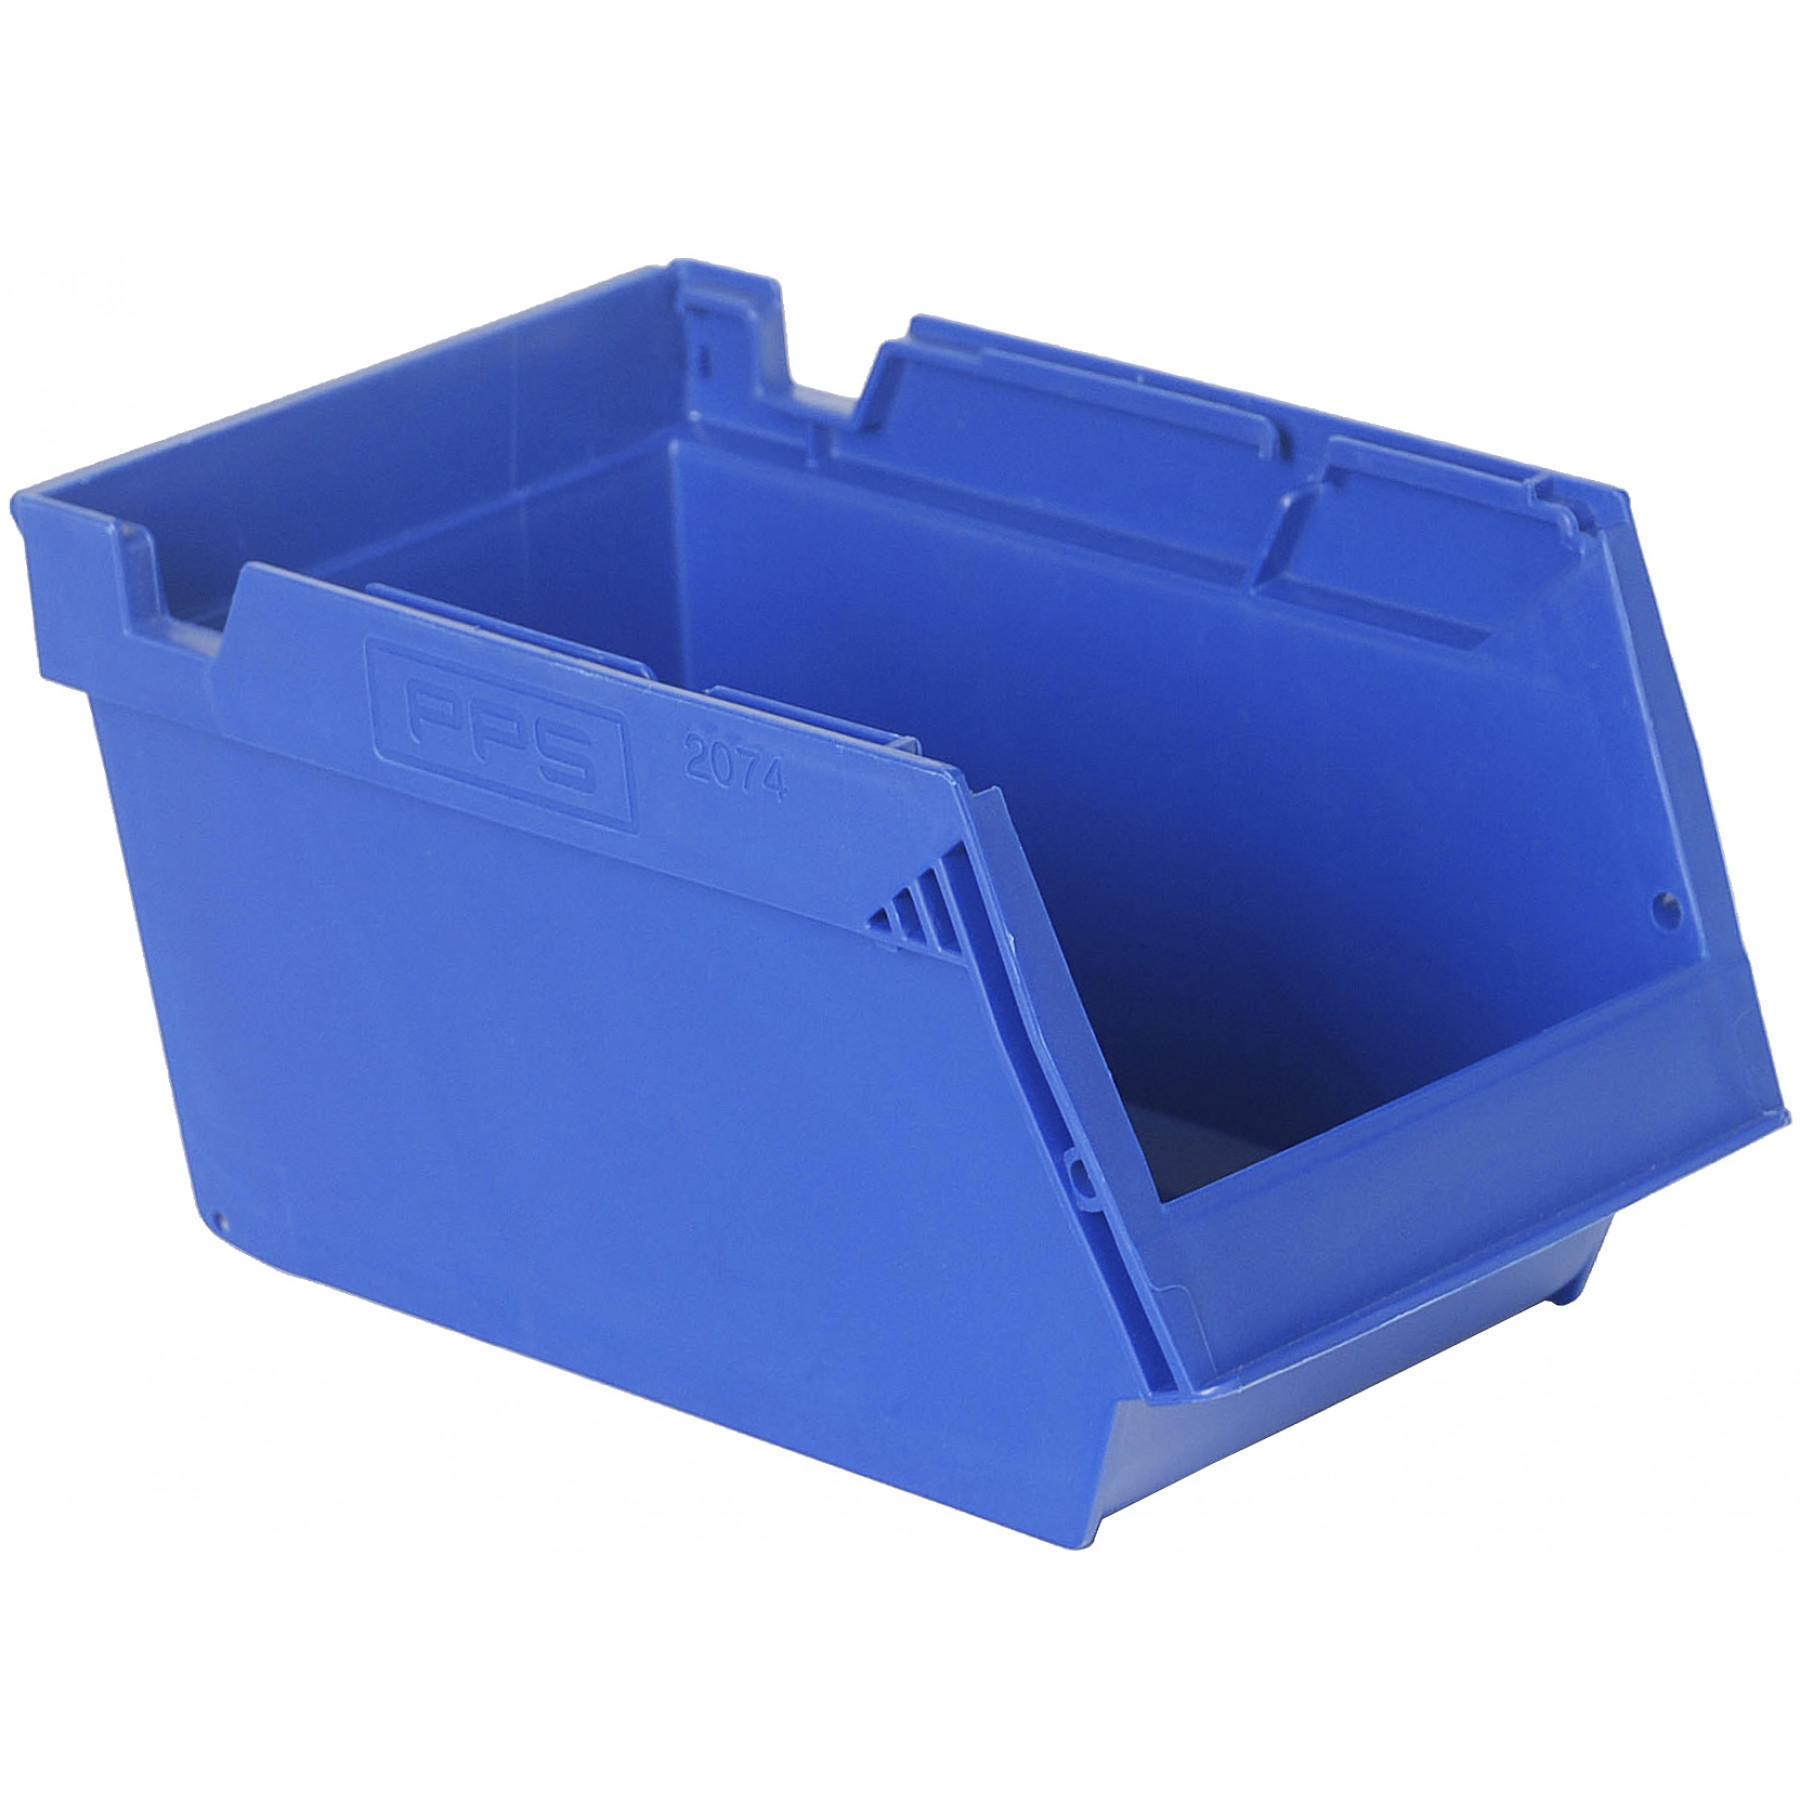 Nestbare- en stapelbare magazijnbak 250x148x130mm, kleur blauw